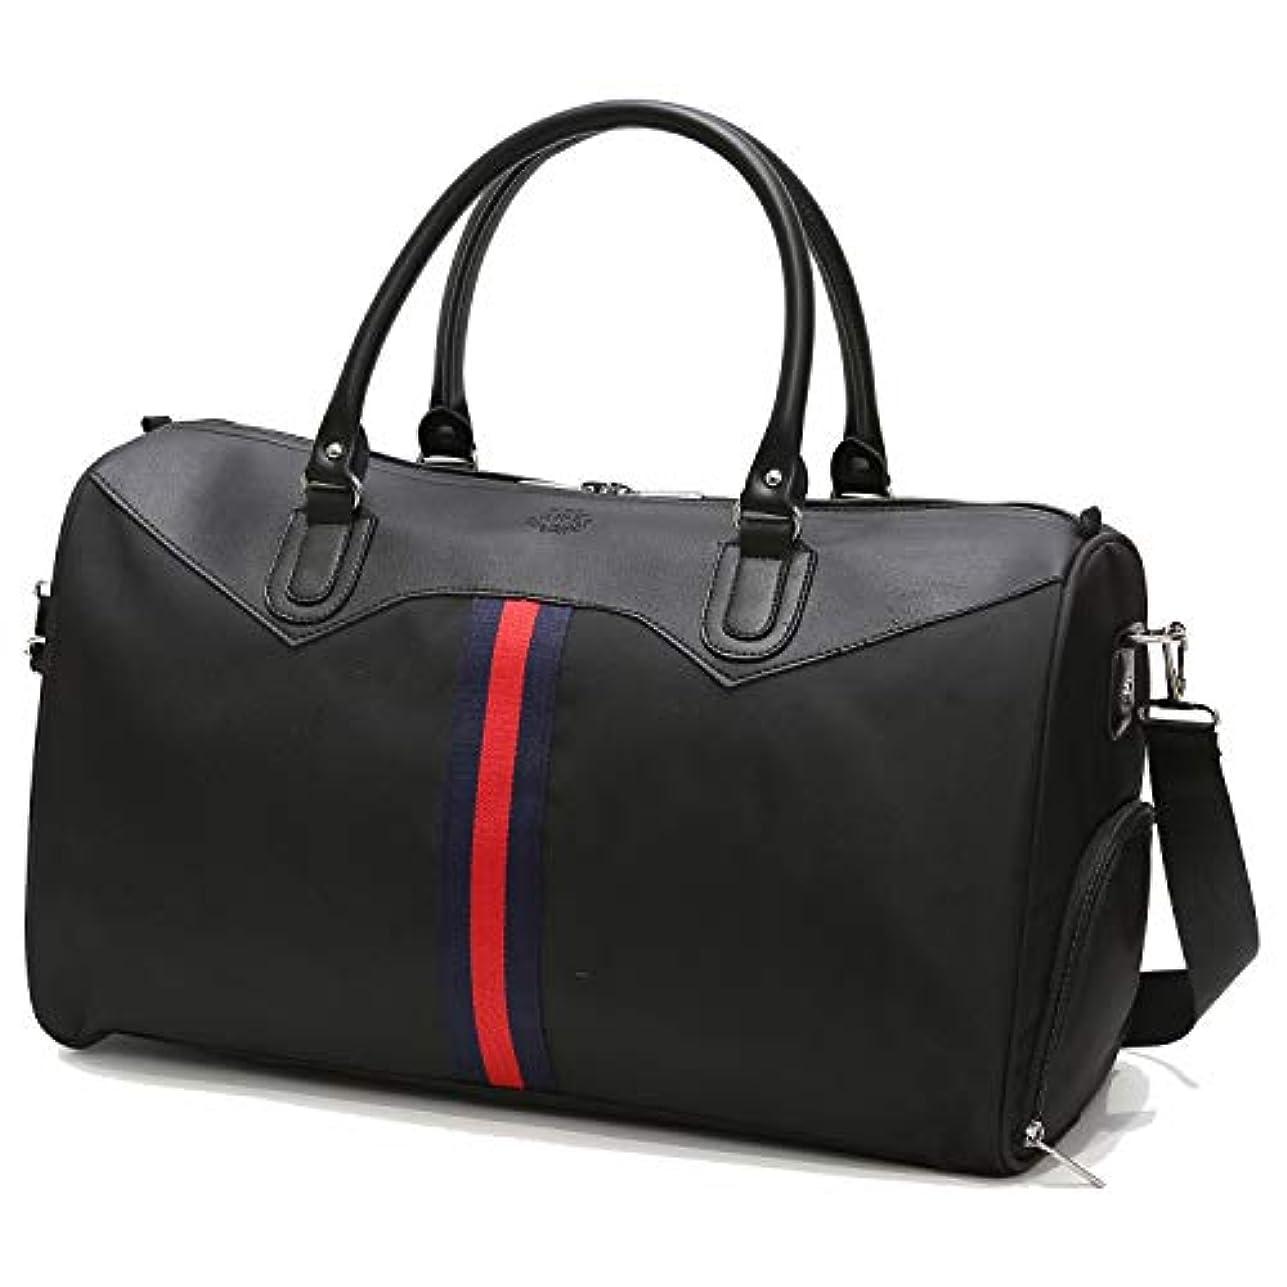 定期的なリーク整然とした[TcIFE] ボストンバッグ レディース メンズ 大容量 2WAY 修学 旅行トラベルバッグ 収納バッグ